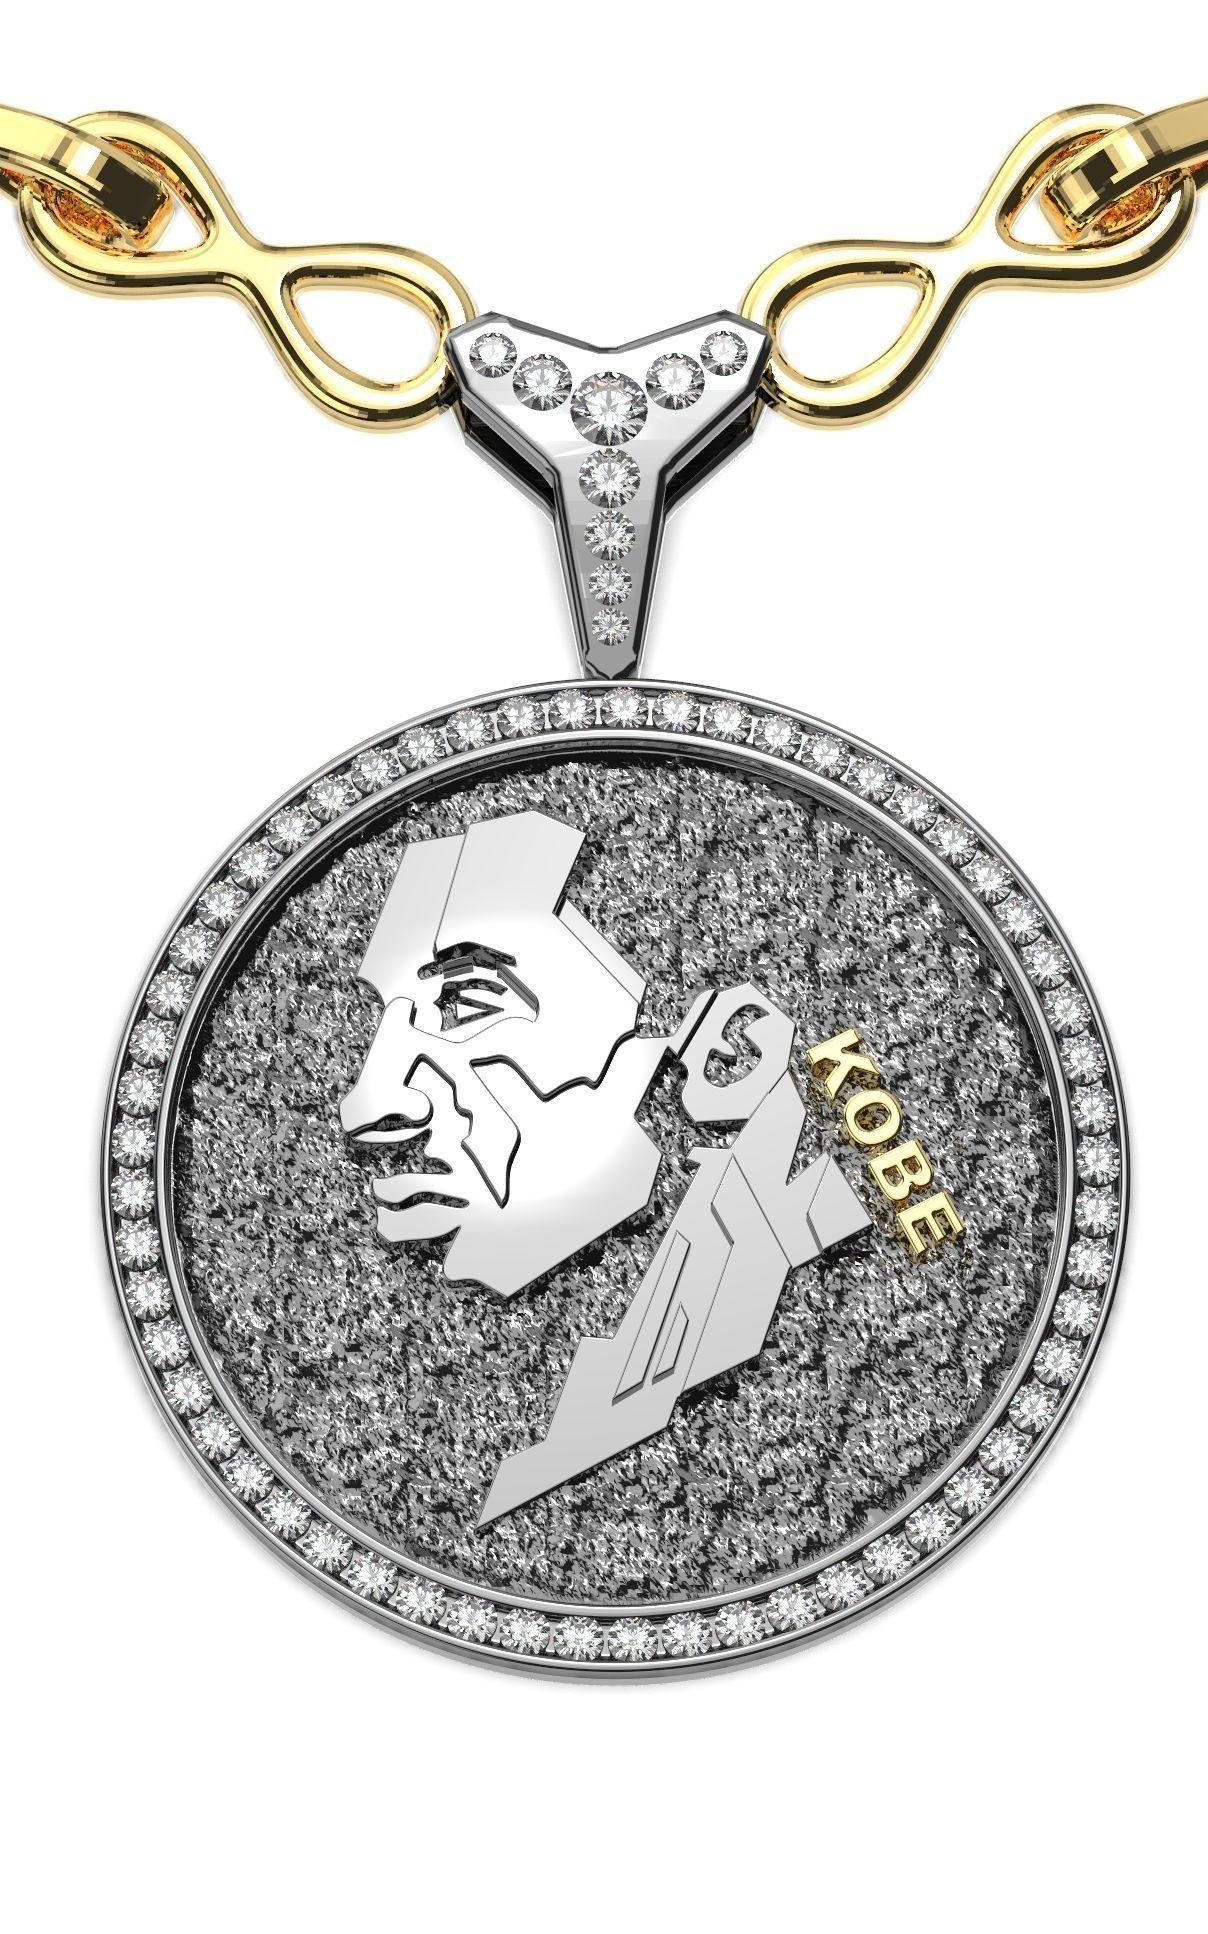 Kobe Medallion Pendant